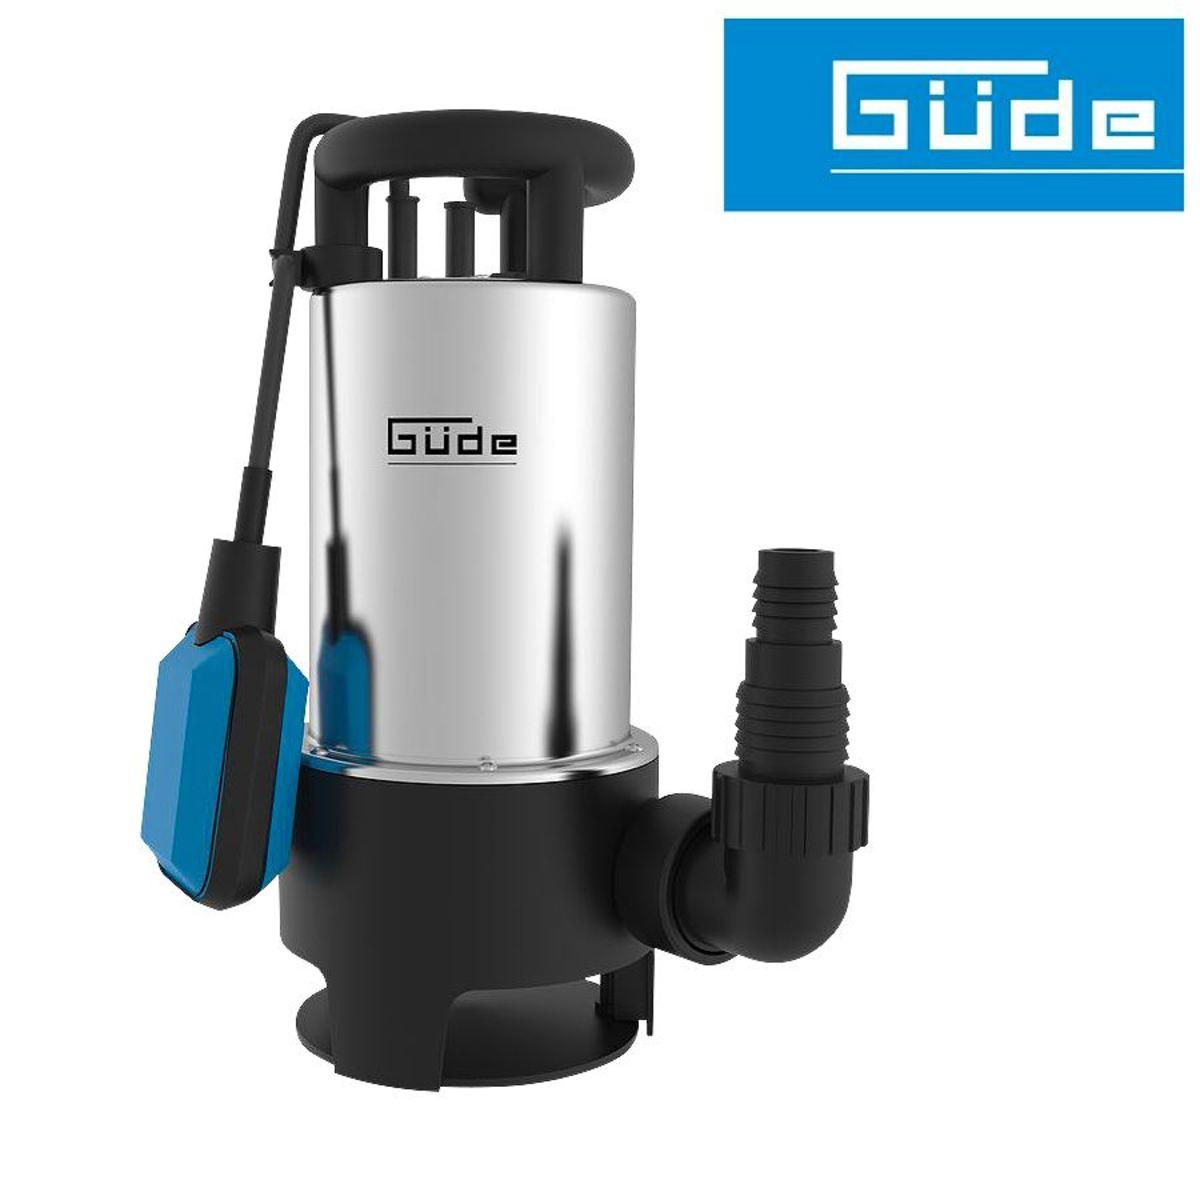 Bild 1 von Güde Schmutzwassertauchpumpe GS 1103 PI